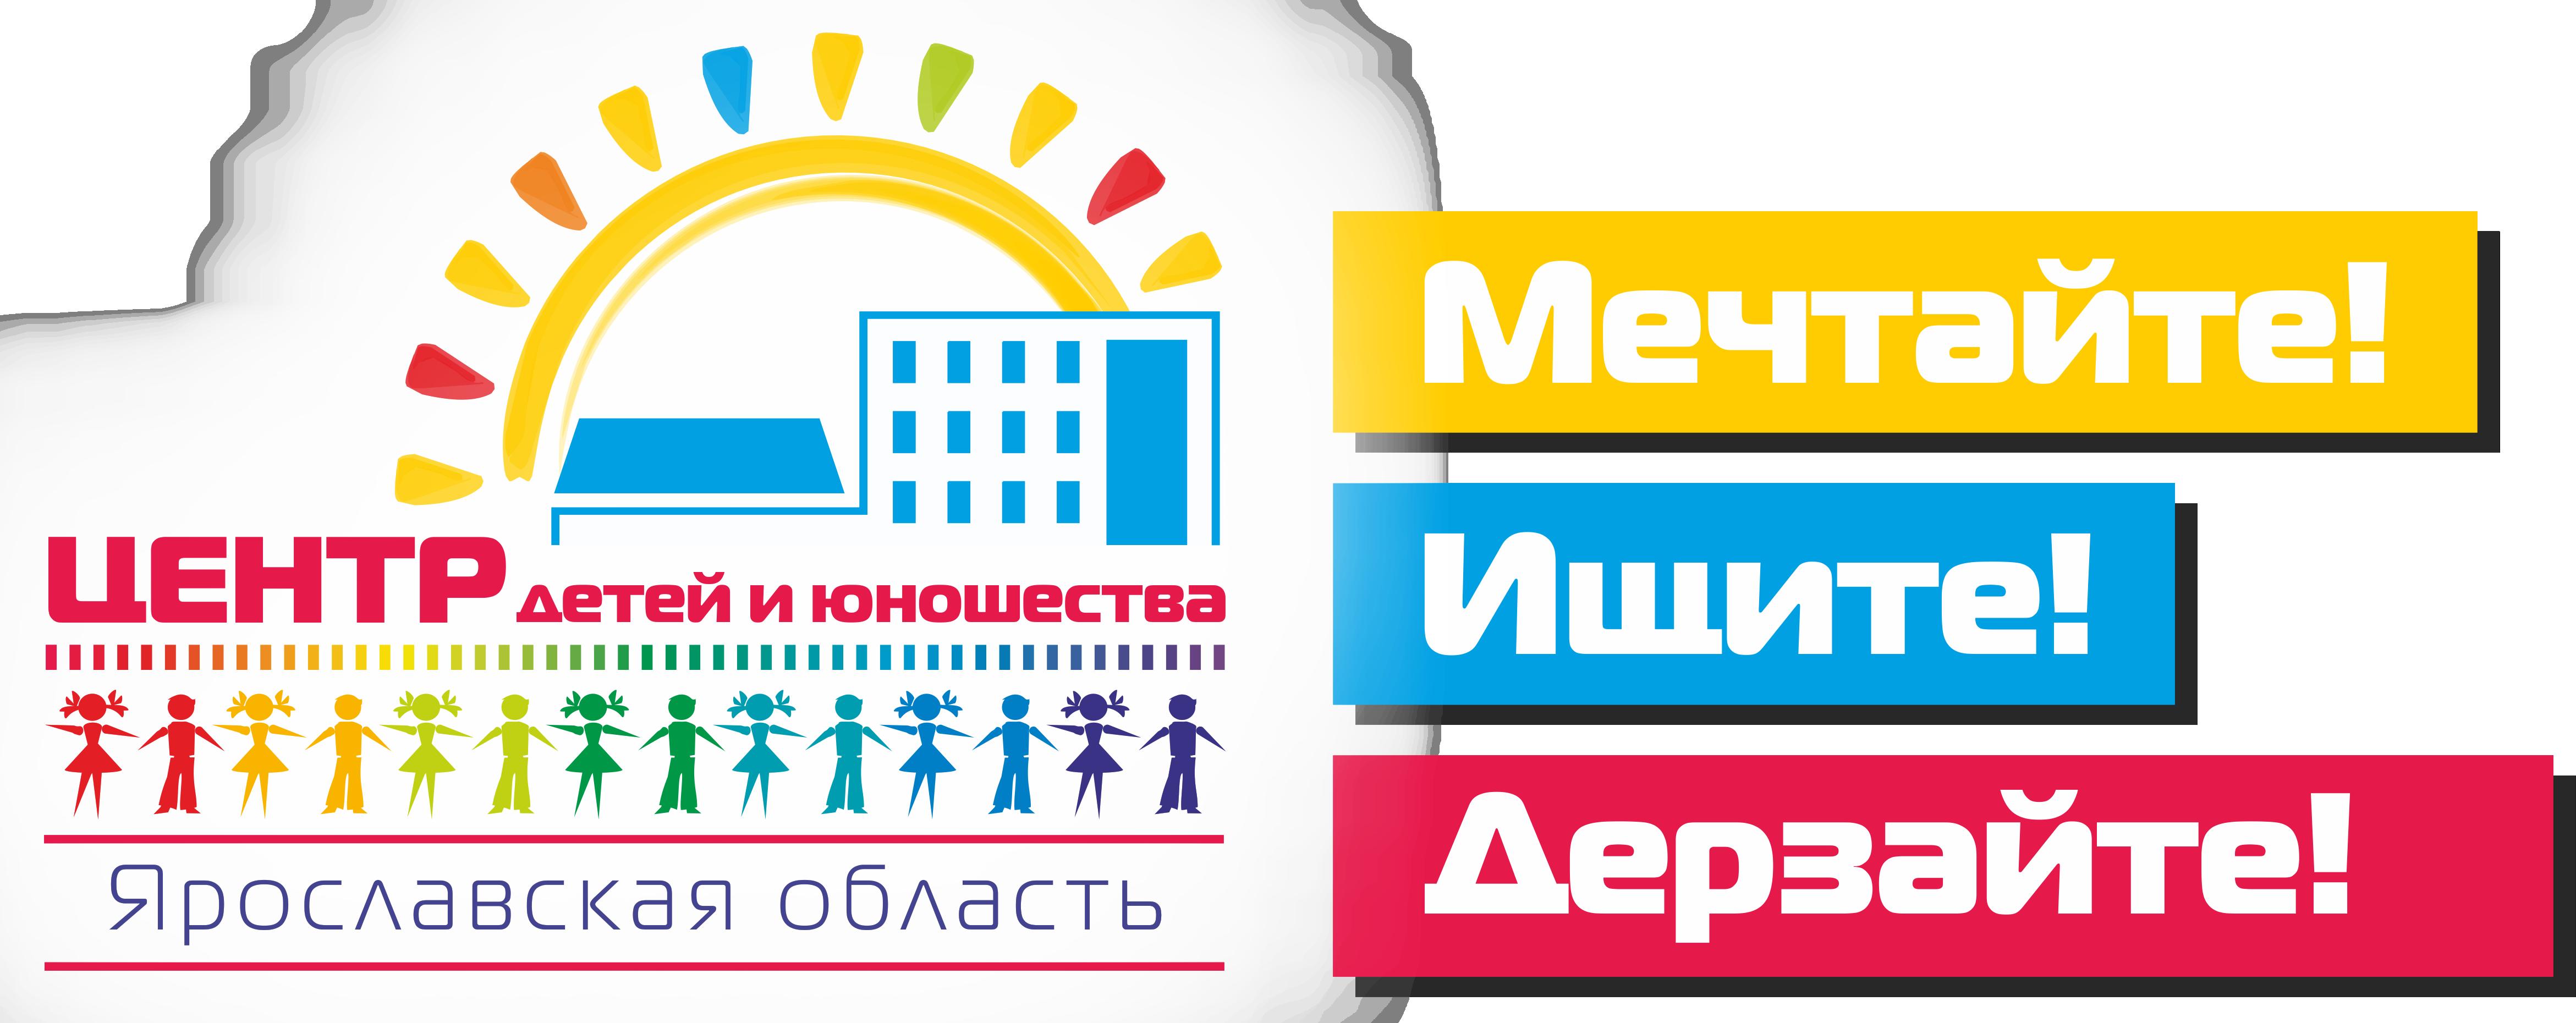 Центр детей и юношества г. Ярославль